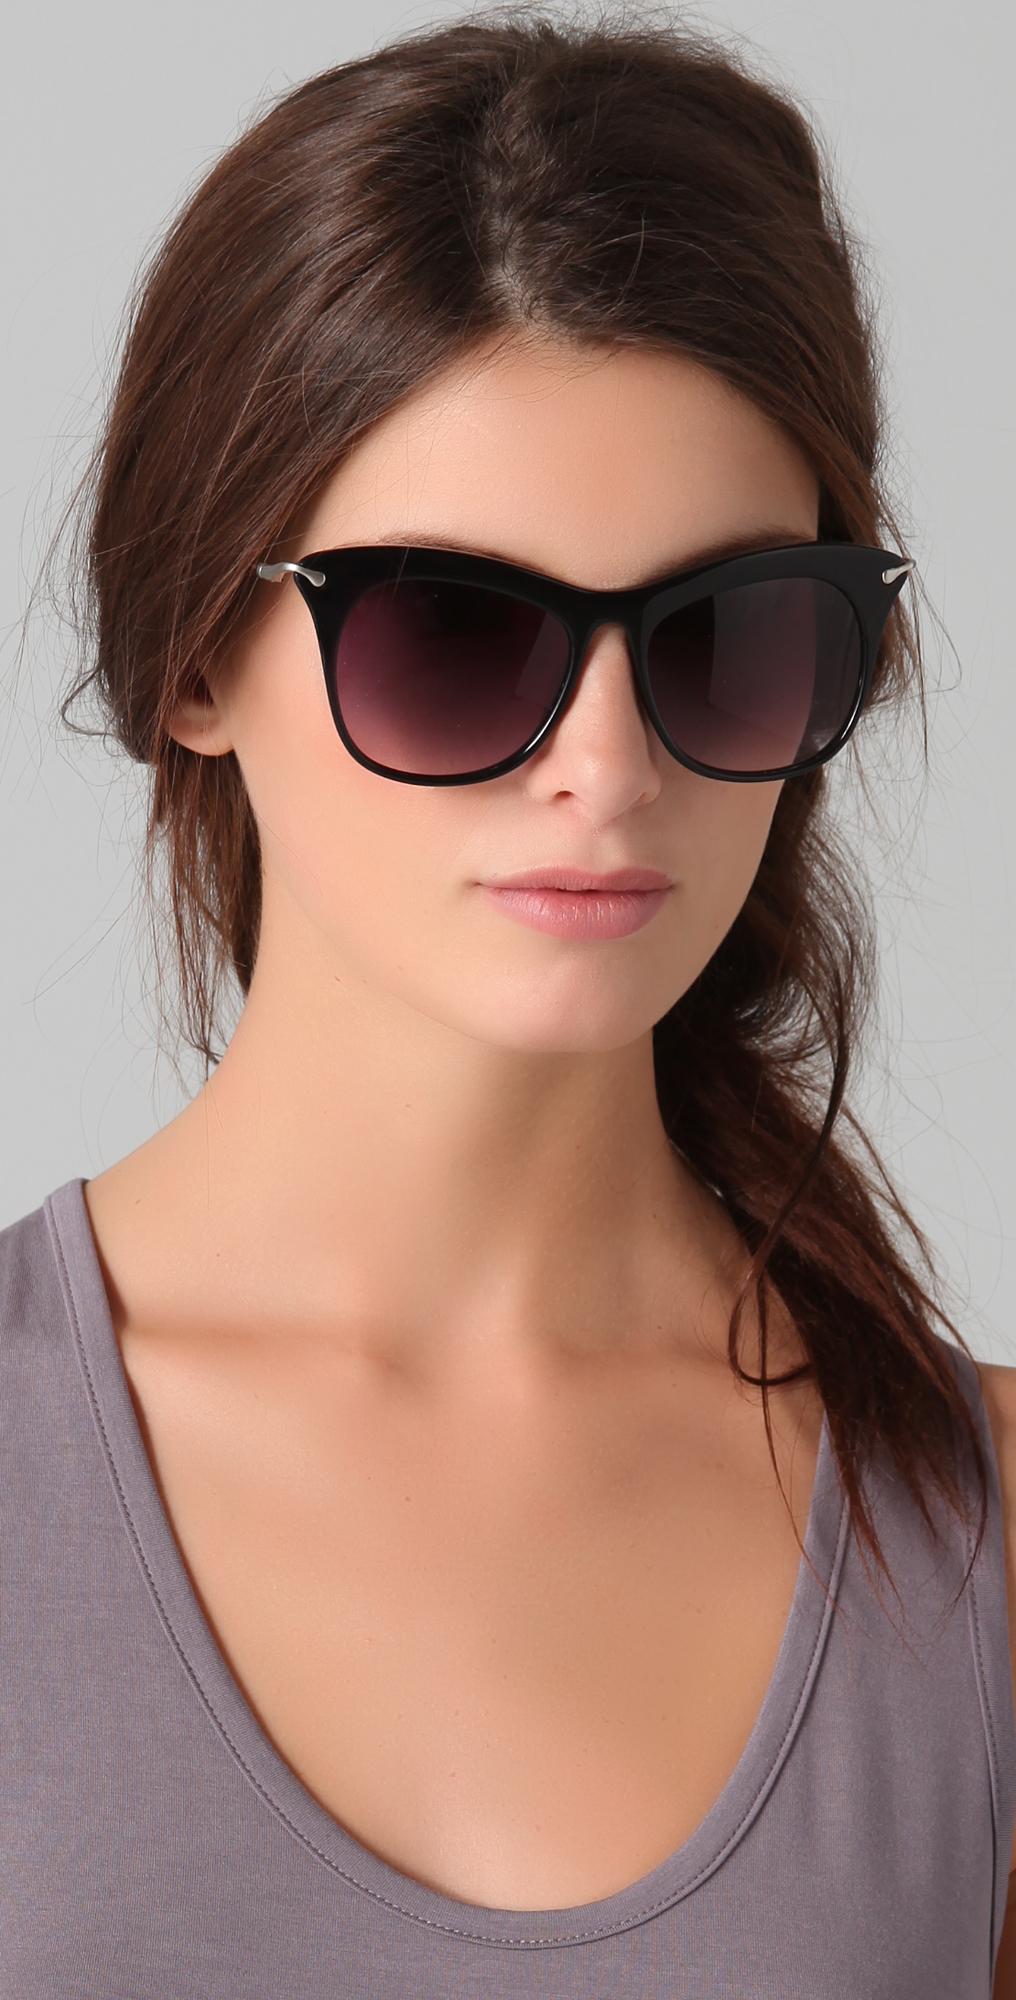 559272c660 Elizabeth and James Fairfax Sunglasses